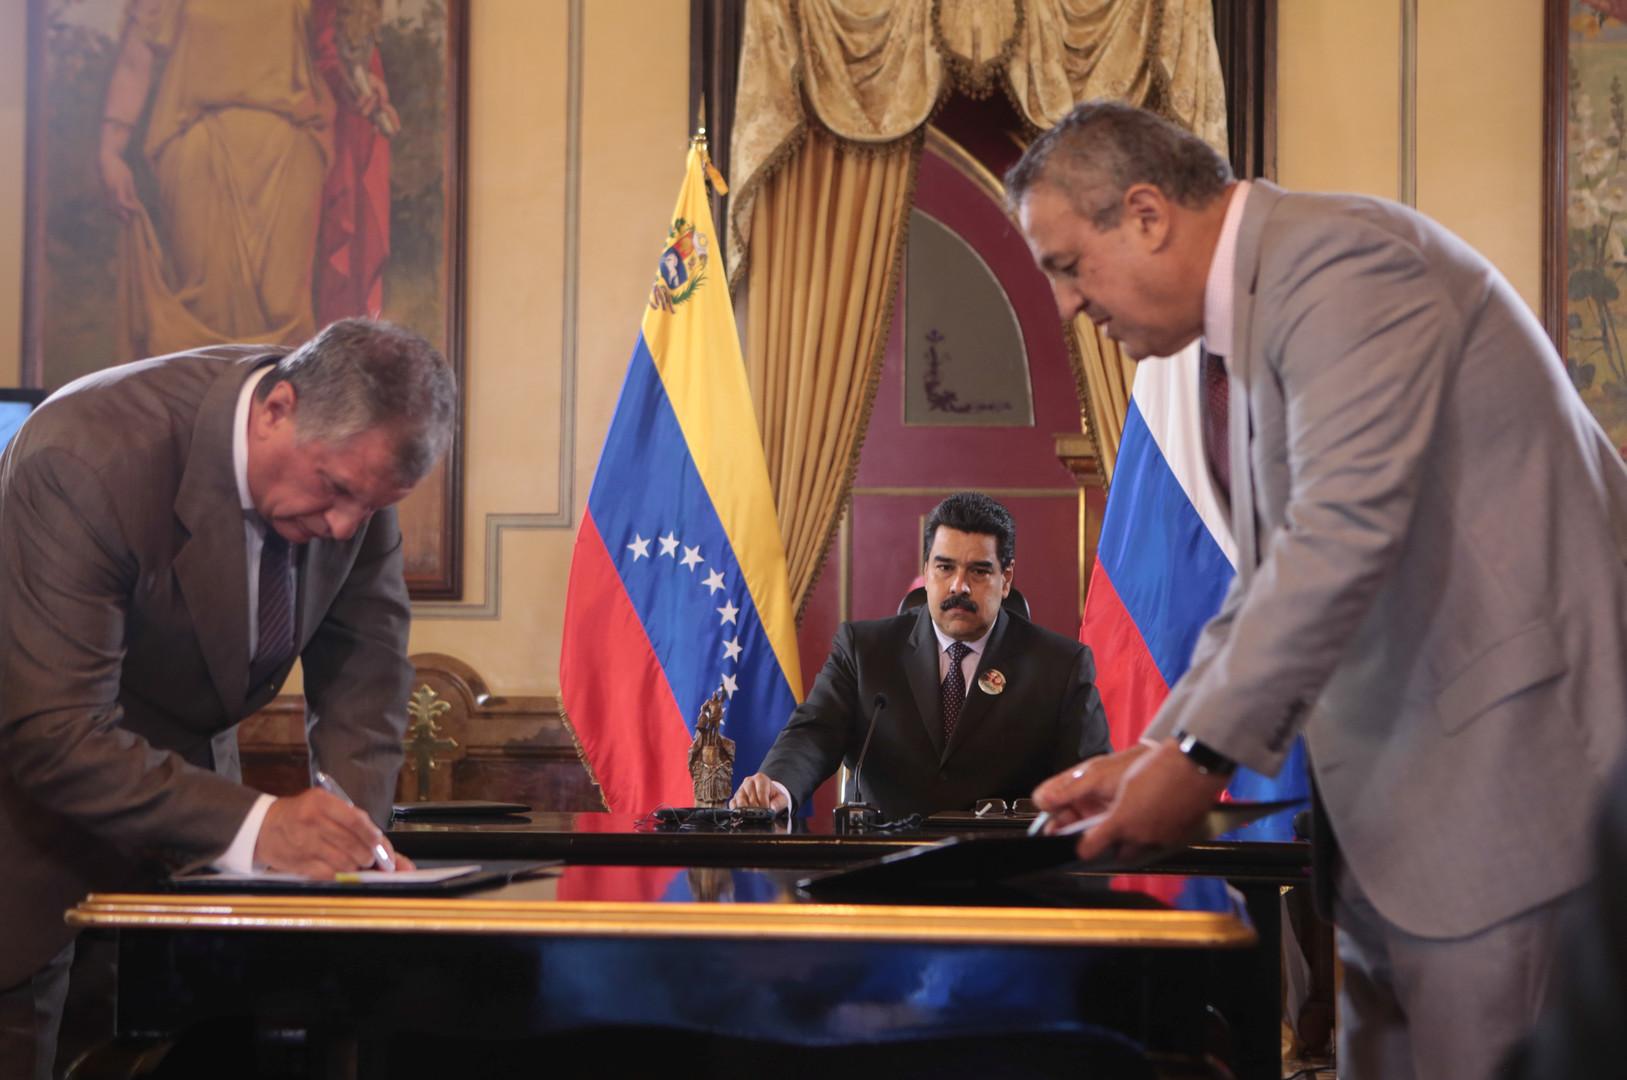 Vorstandsvorsitzender des Mineralölkonzerns Rosneft Igor Setschin (Rechts)  und der Präsident der Petróleos de Venezuela Eulogio del Pino (links) unterzeichnen den Vertrag zwischen beiden Unternehmen.